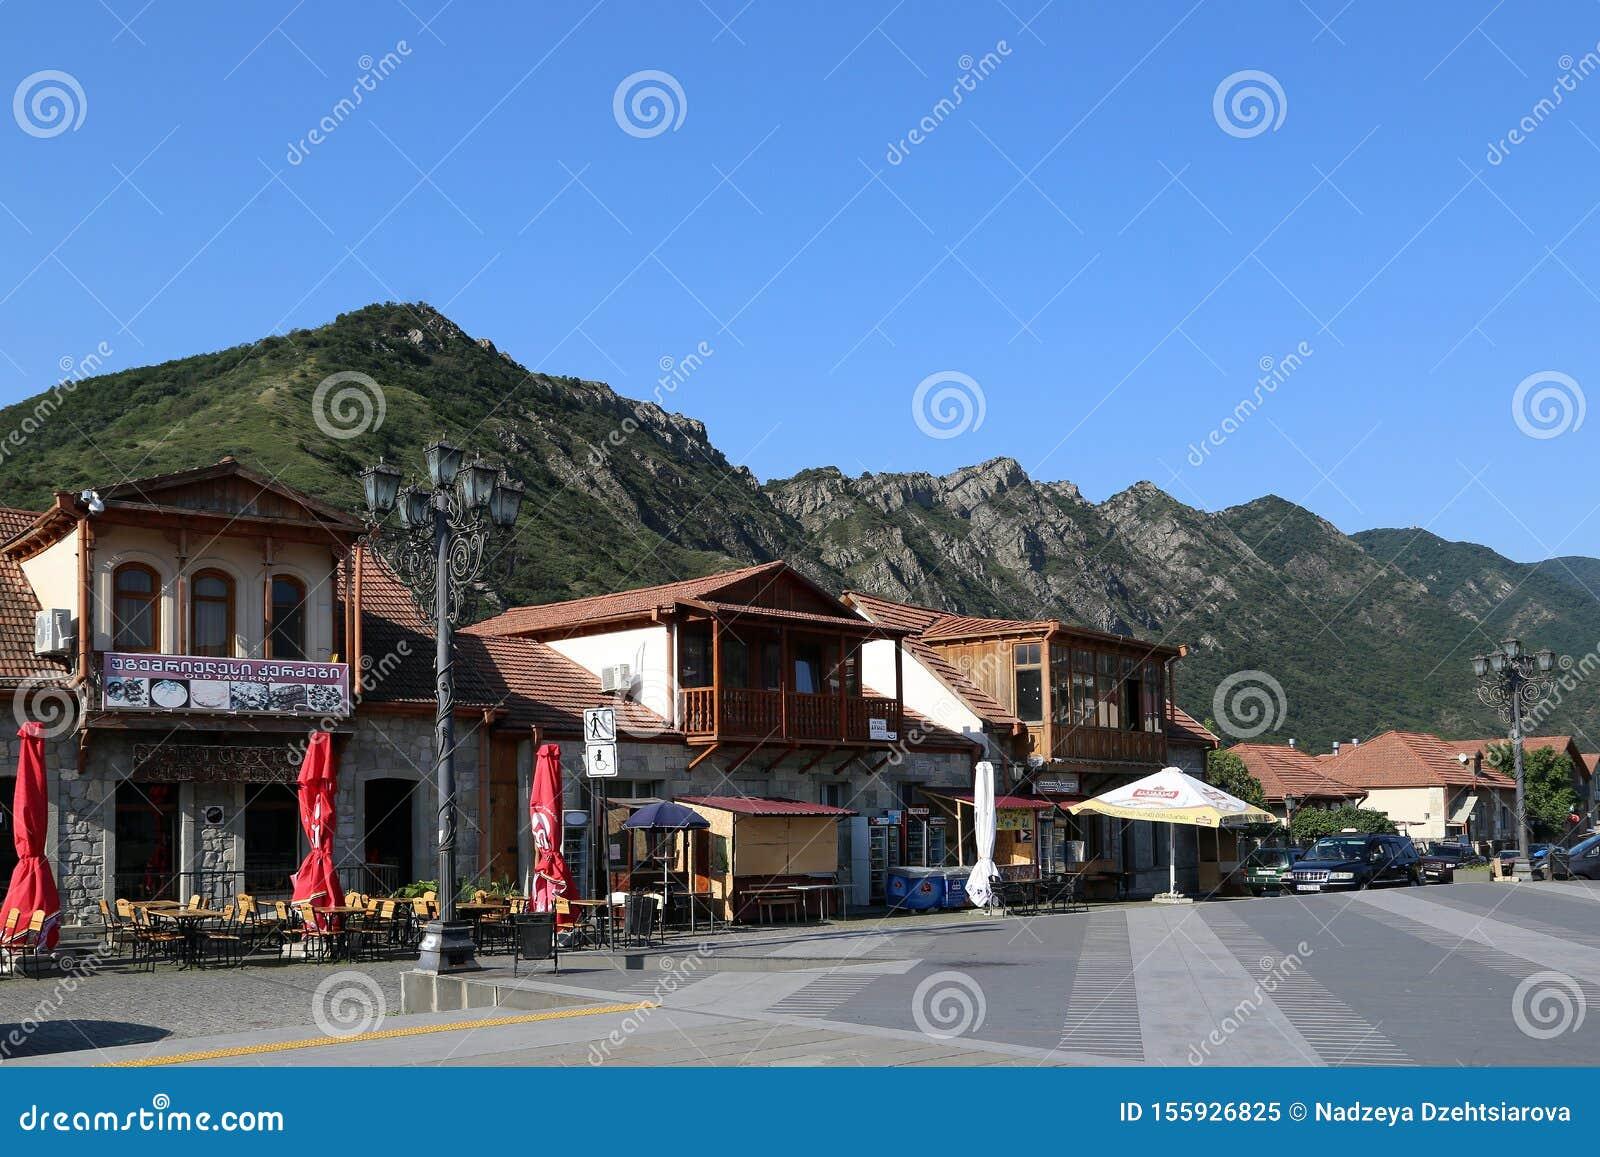 Tourist center of Mtskheta, Georgia